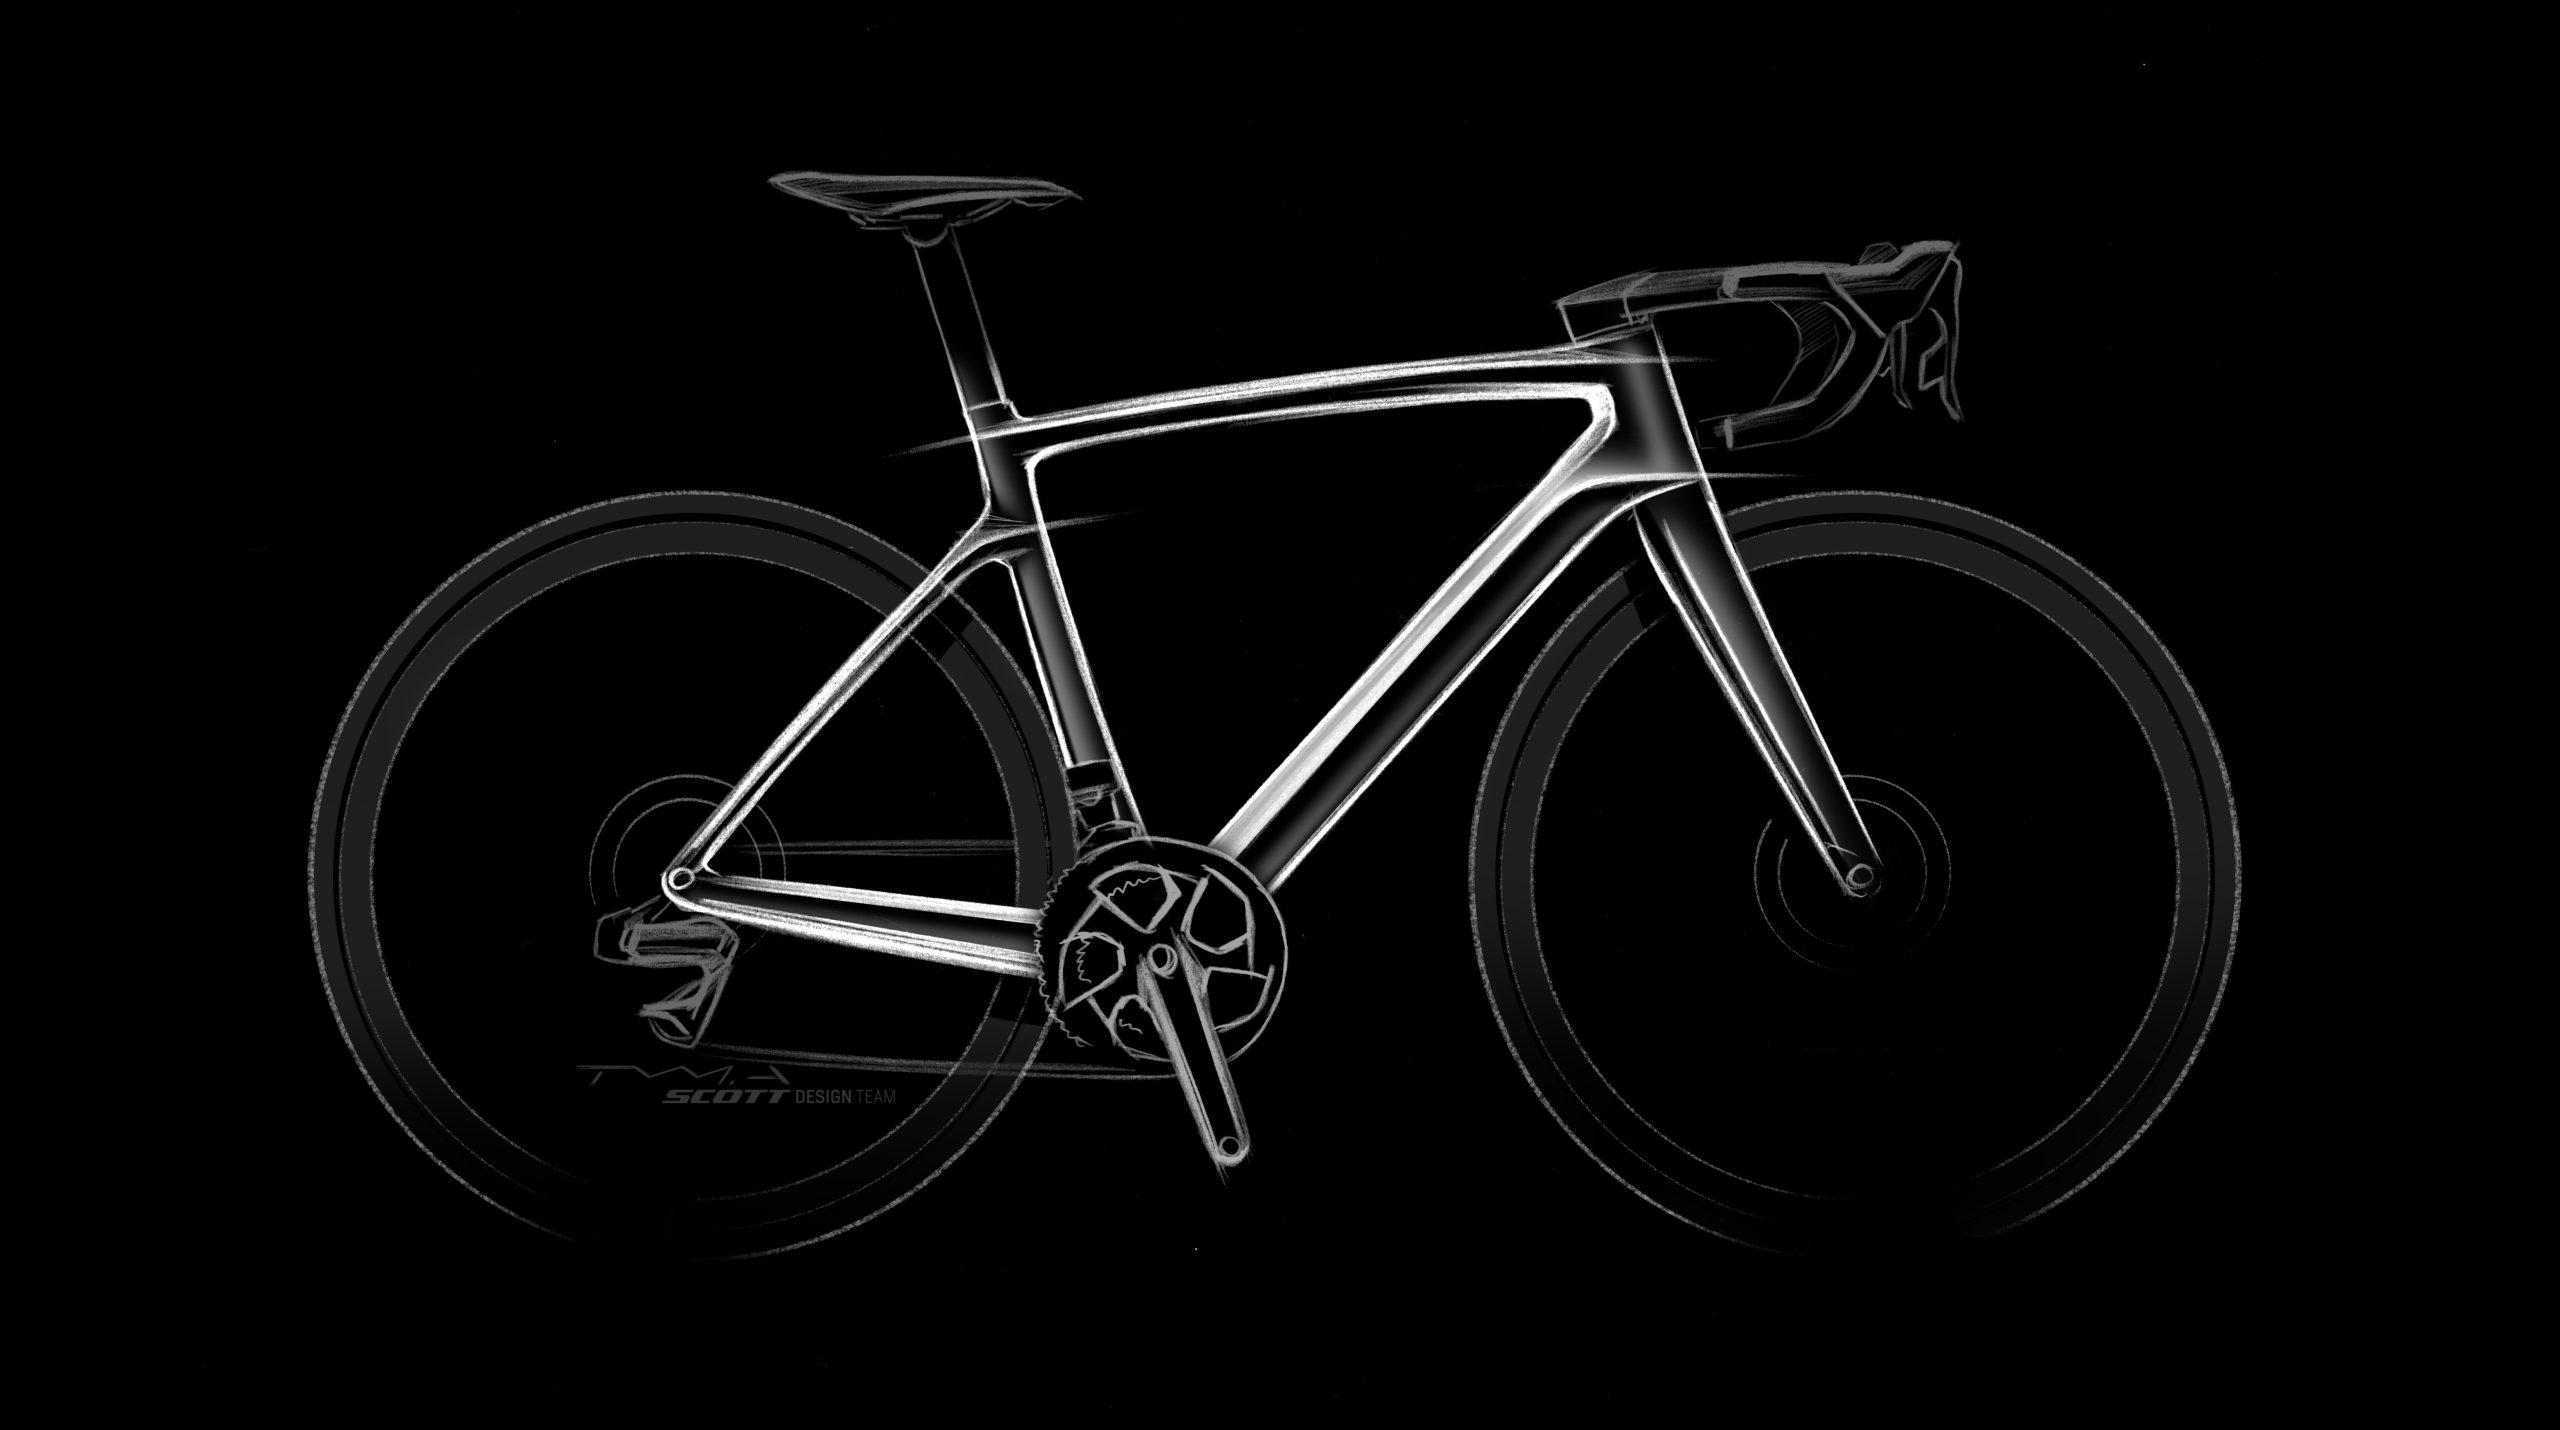 Scott Addict eRide design - formaterv